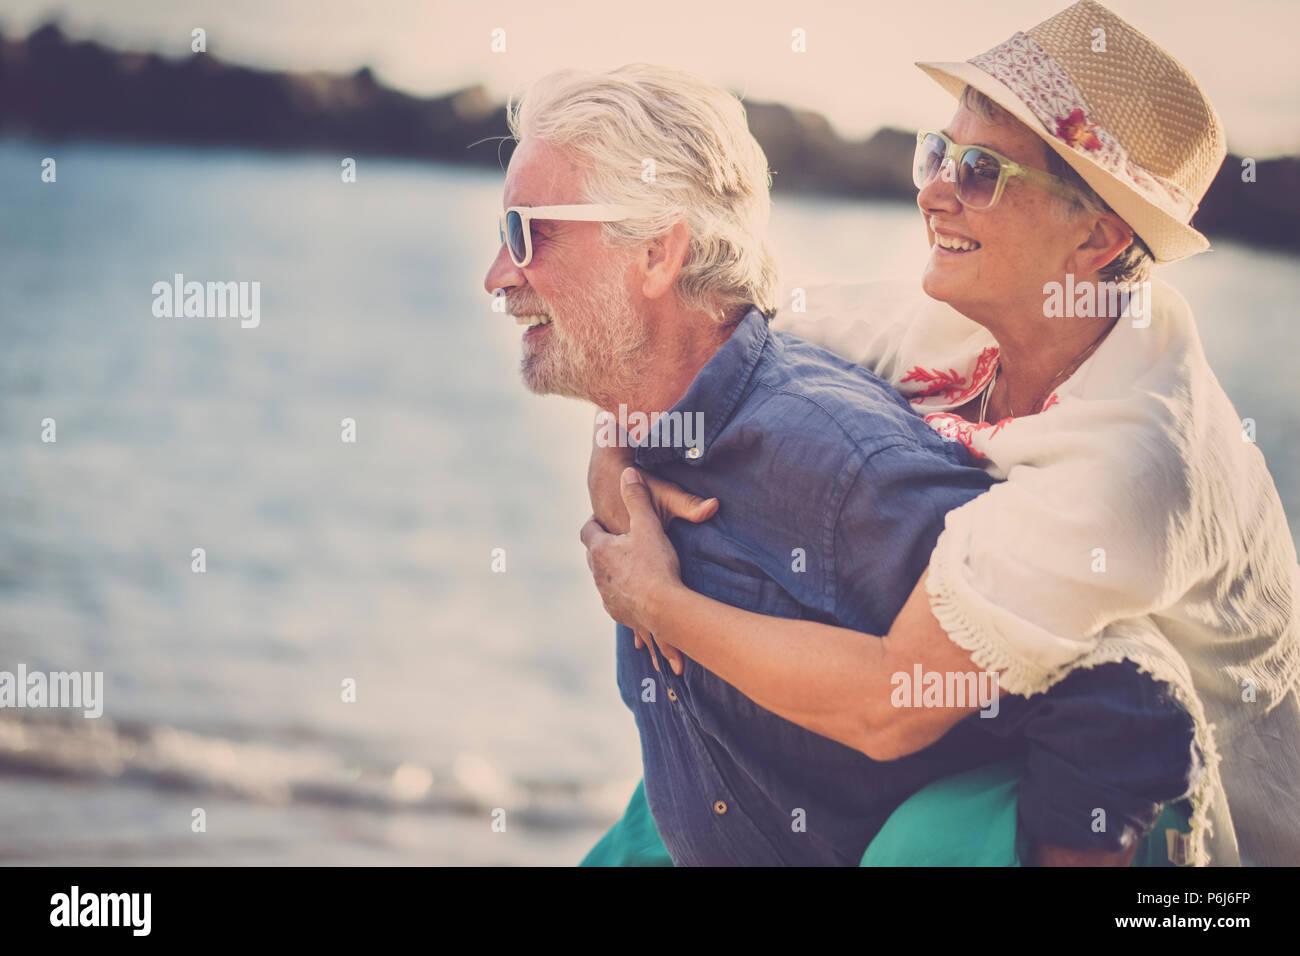 Happy senior couple s'amuser et profiter de l'activité de loisirs de plein air sur la plage. l'homme porter la femme sur le dos pour profiter ensemble un ancien lifestyl Photo Stock